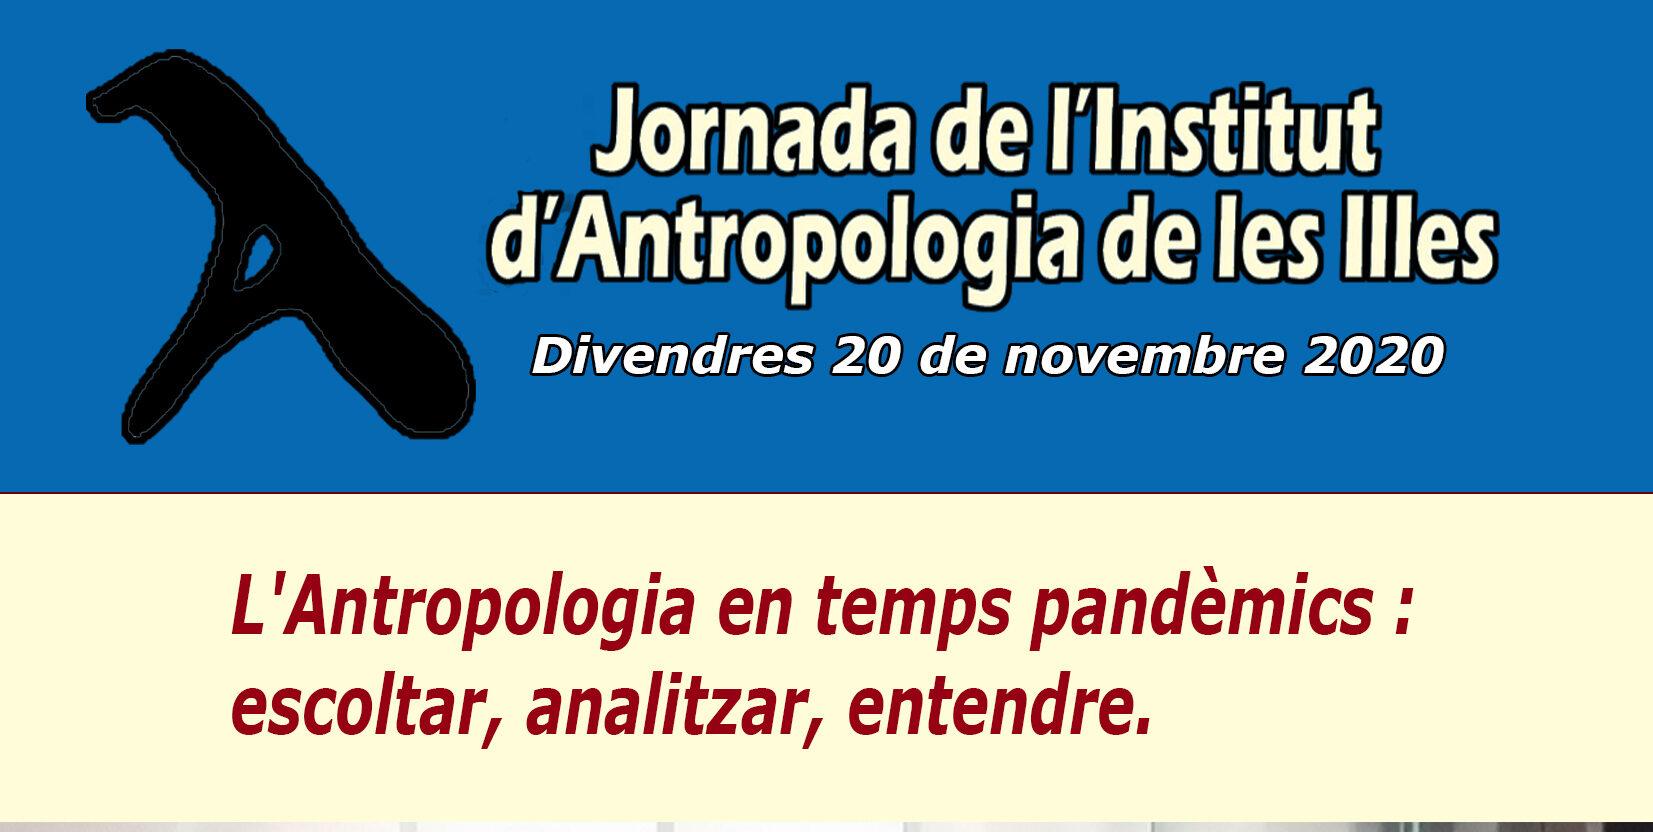 """JORNADA """"L'Antropologia en temps pandèmics: escoltar, analitzar, entendre"""" i Assemblea General de Socis"""